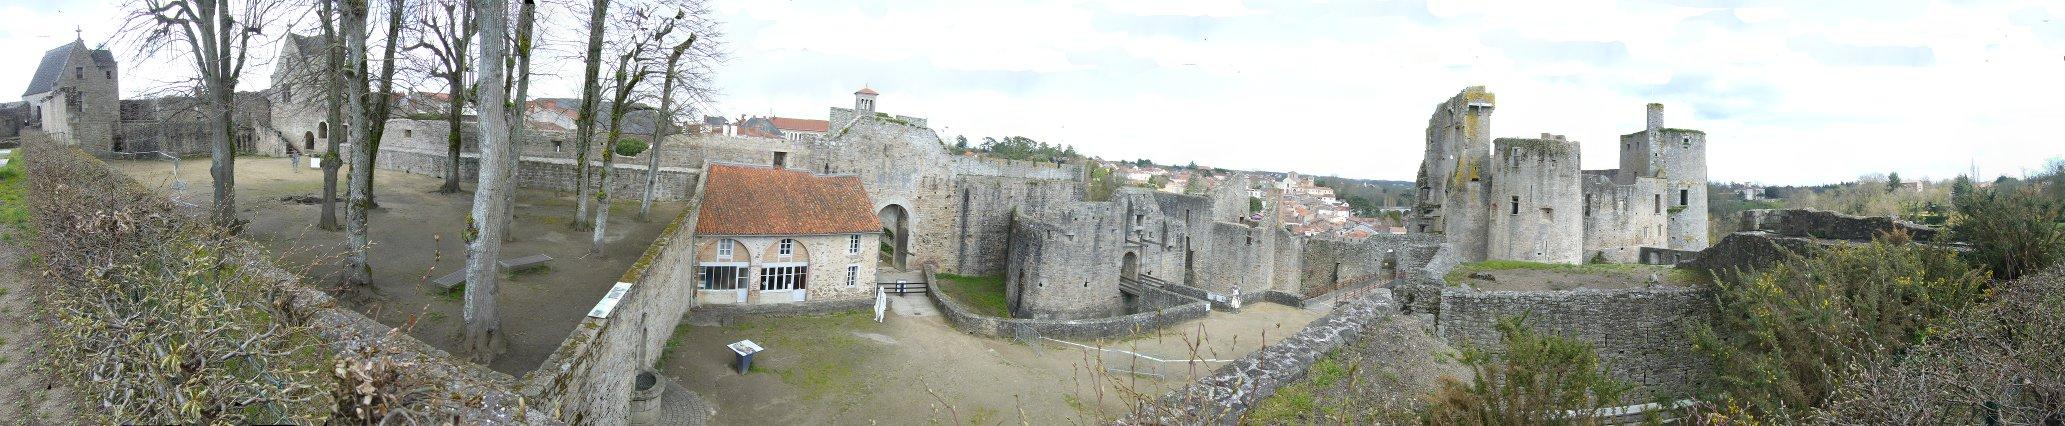 Vue panoramique du Chateau de Clisson